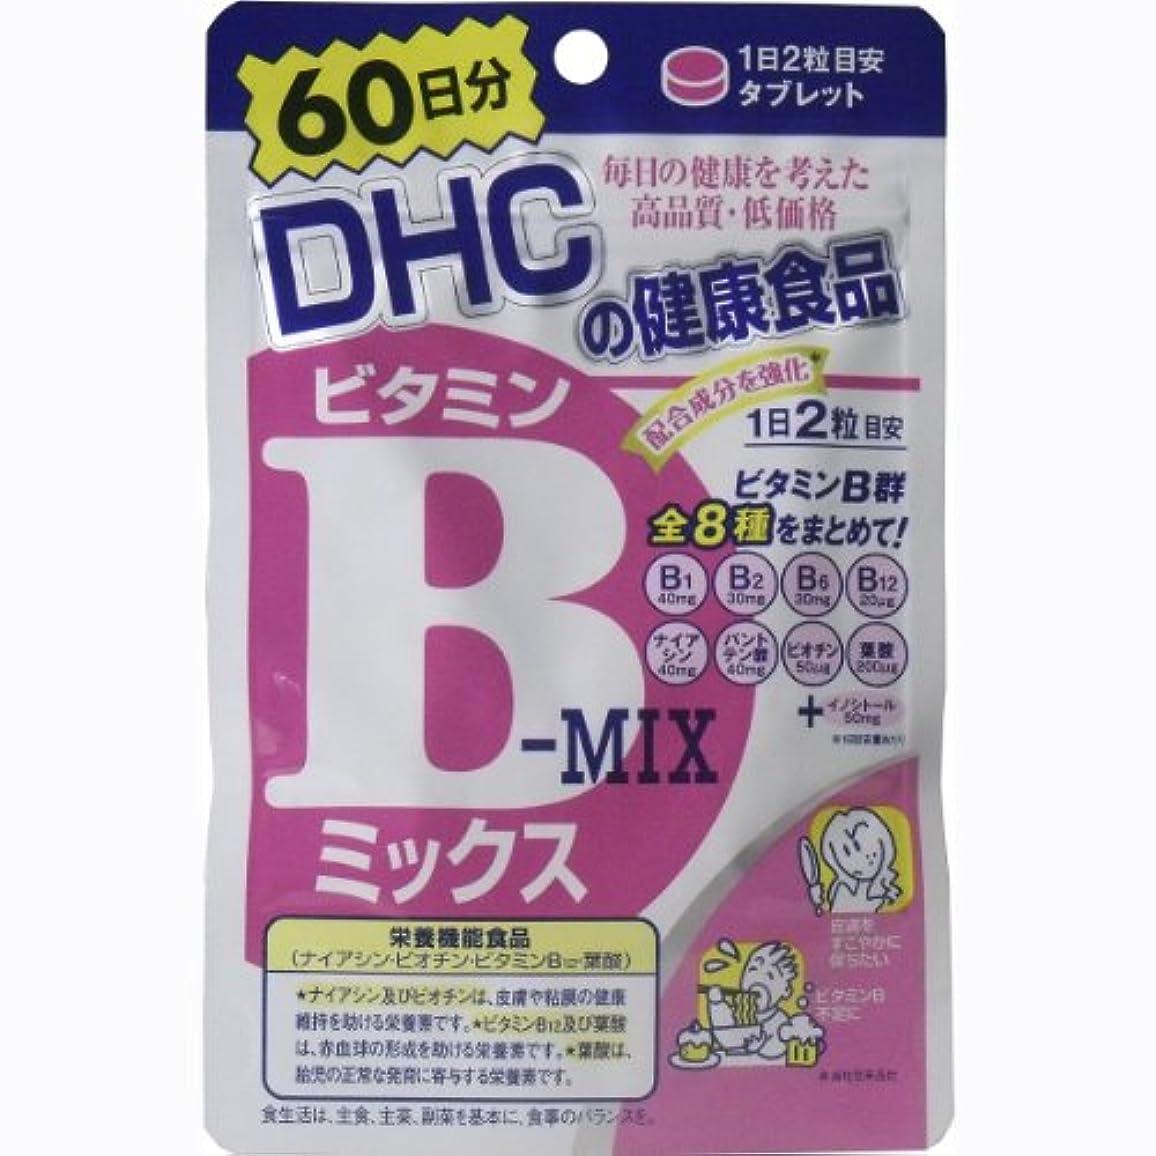 ゴージャス神聖国民DHC ビタミンBミックス 120粒 60日分「3点セット」